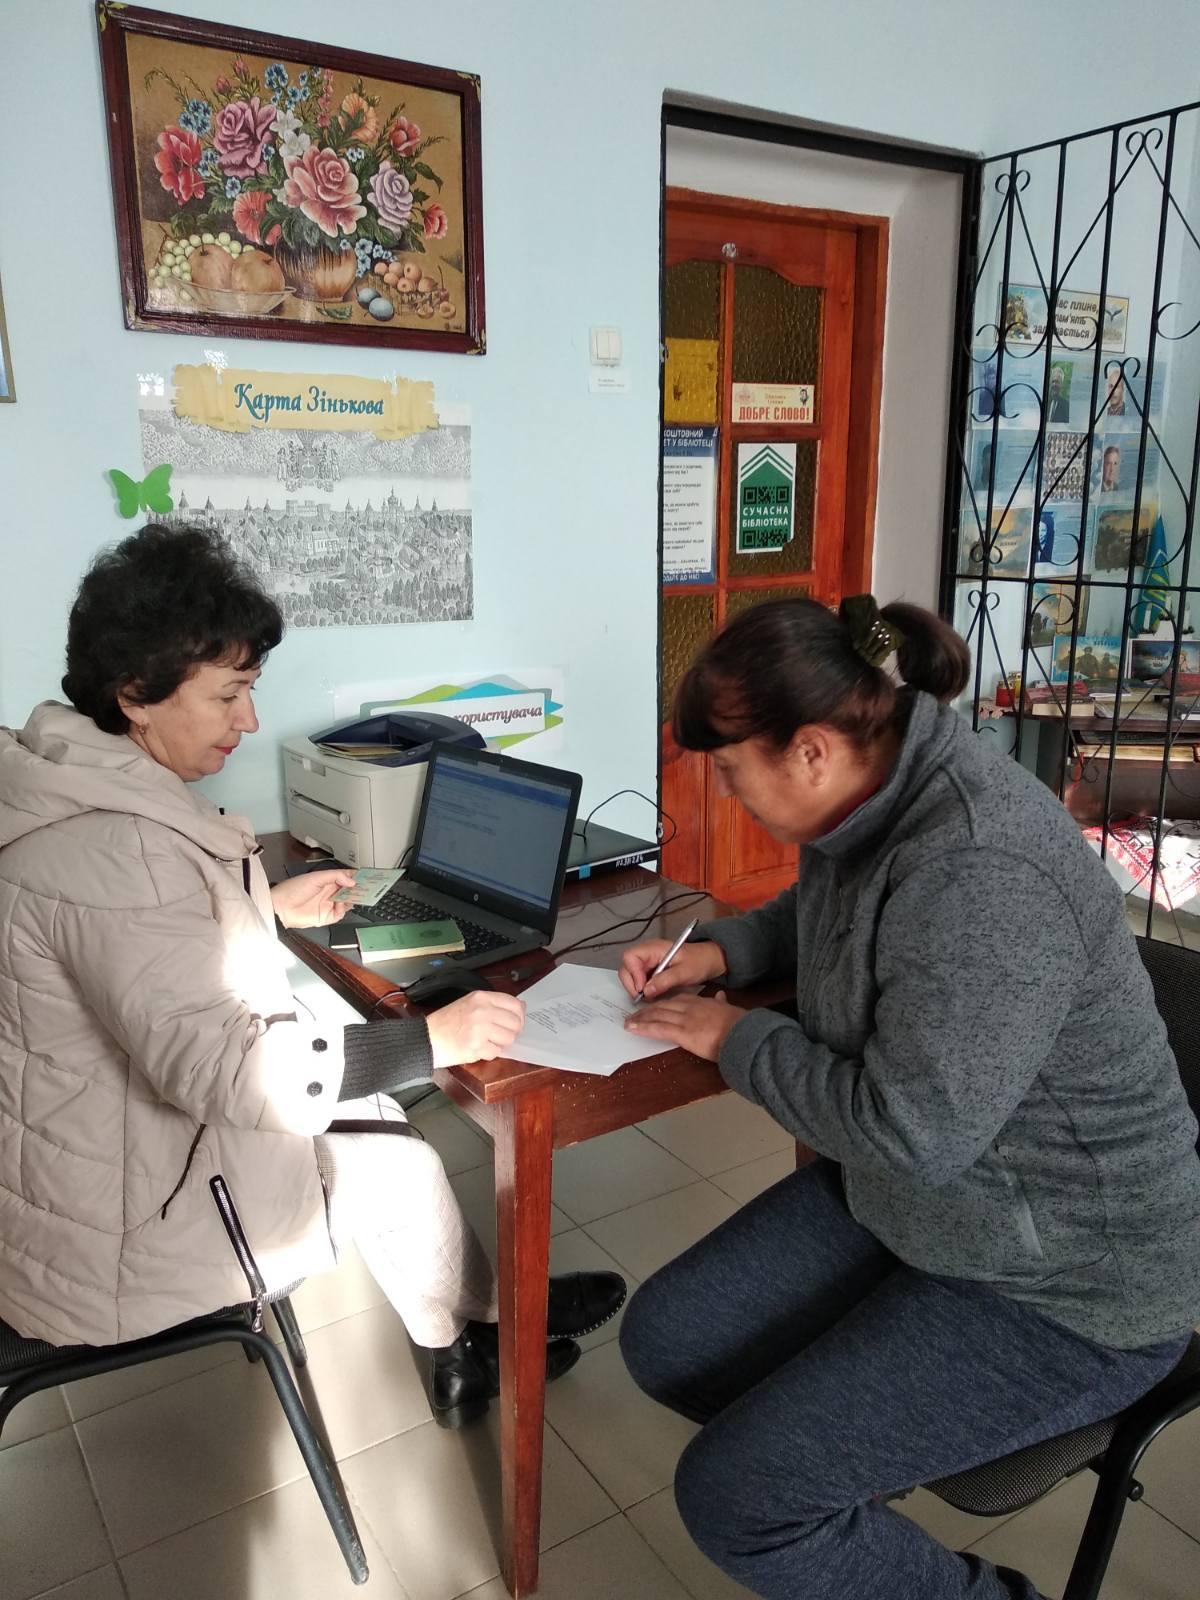 q1313111.002 - Тривають роз'яснення пенсійного законодавства мешканцям краю